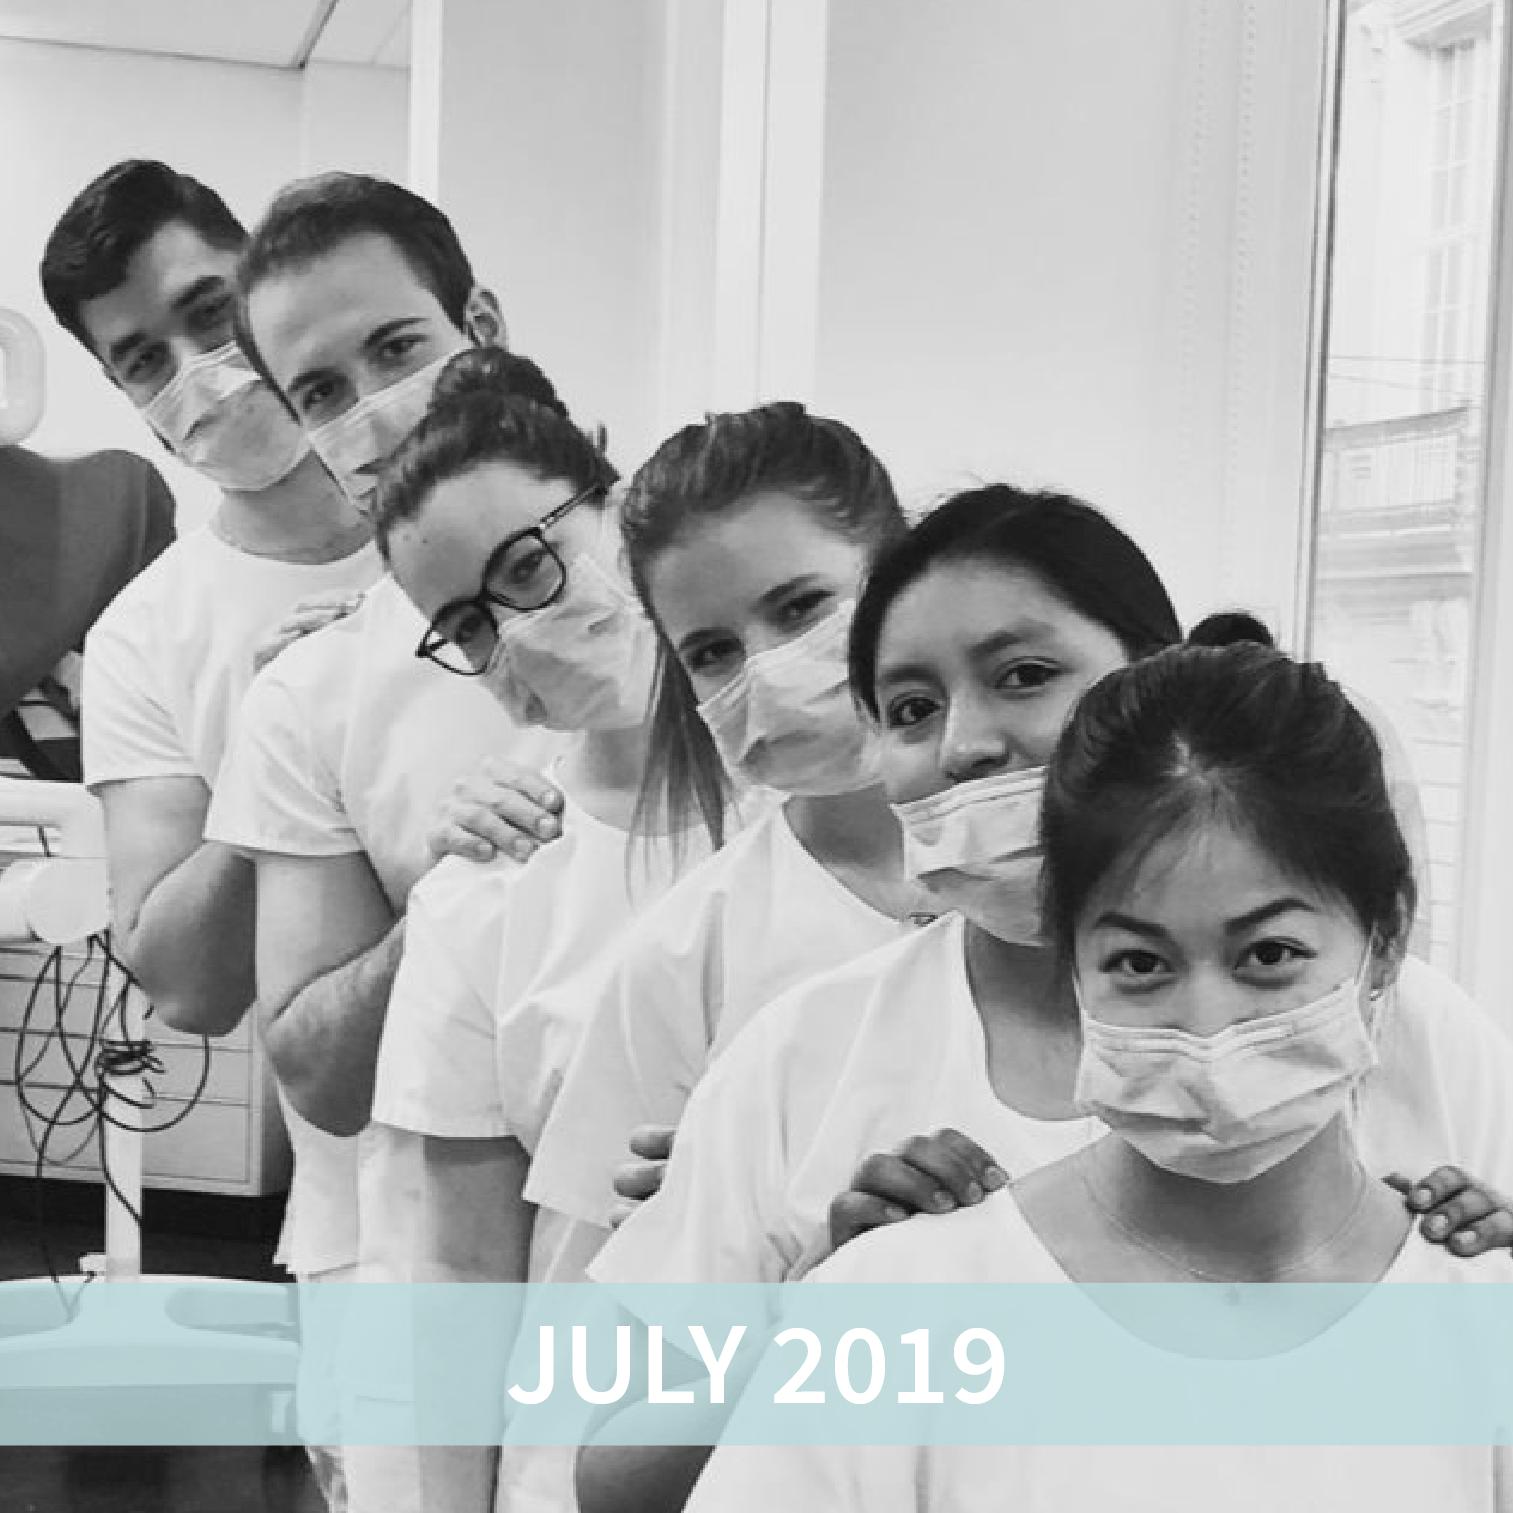 Initiative July: Dental mission in Peru